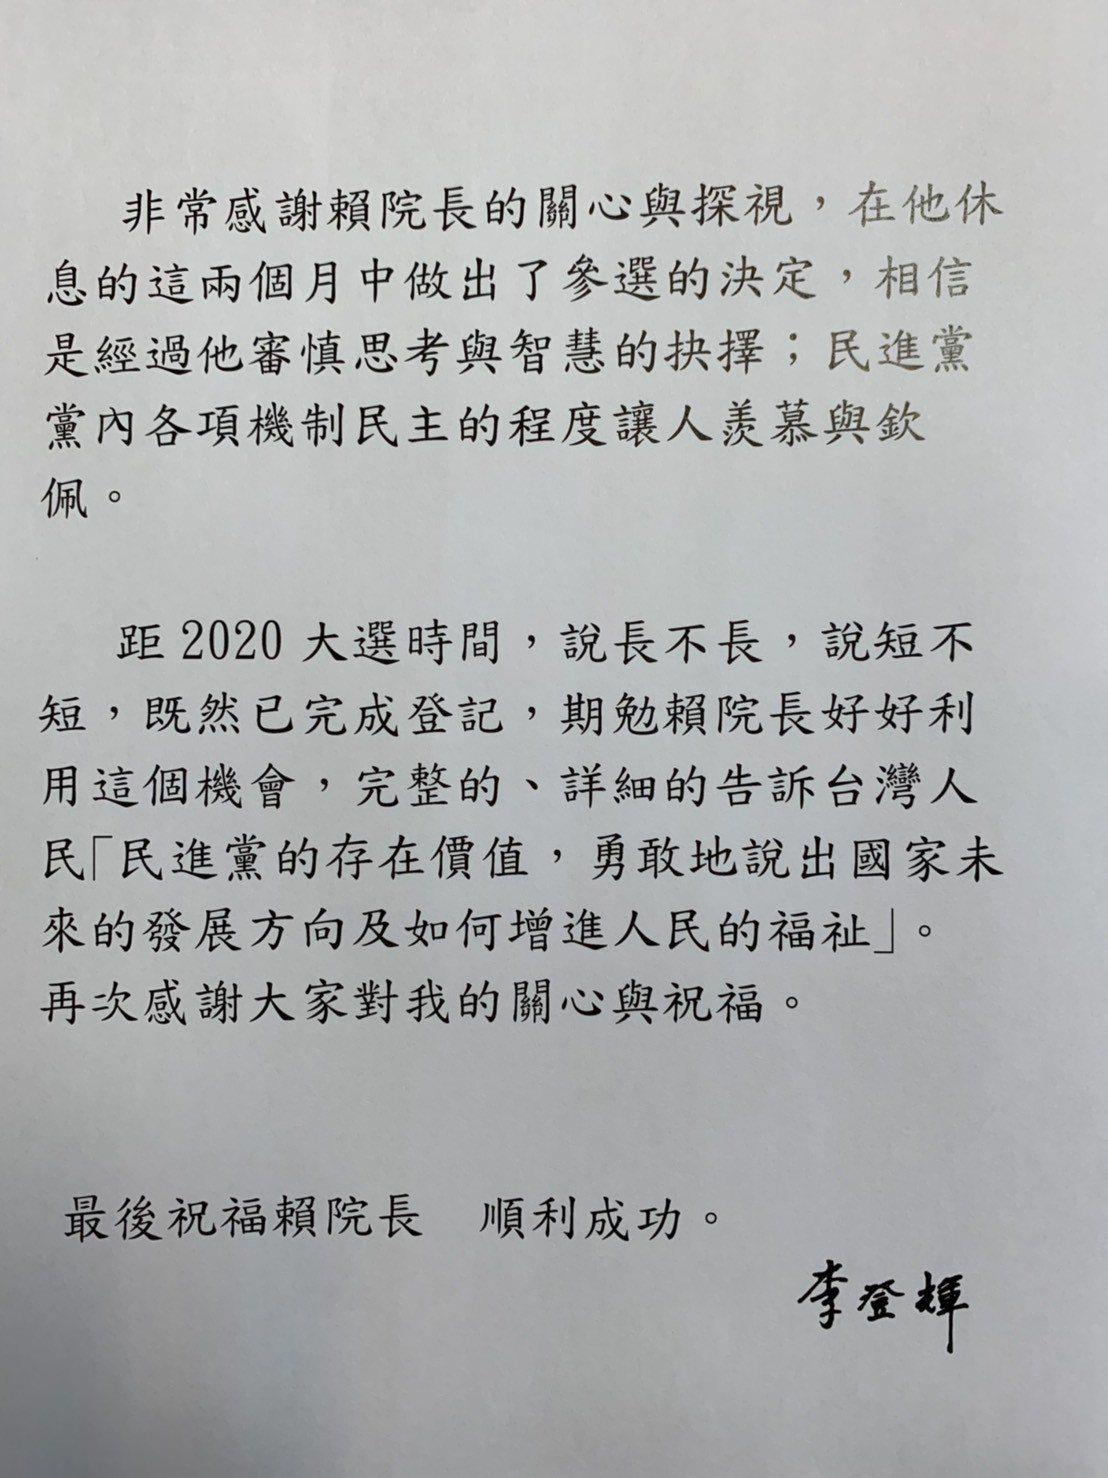 賴清德拜會前總統李登輝,李登輝辦公室在會面後發表聲明。翻攝自李登輝辦公室聲明稿。